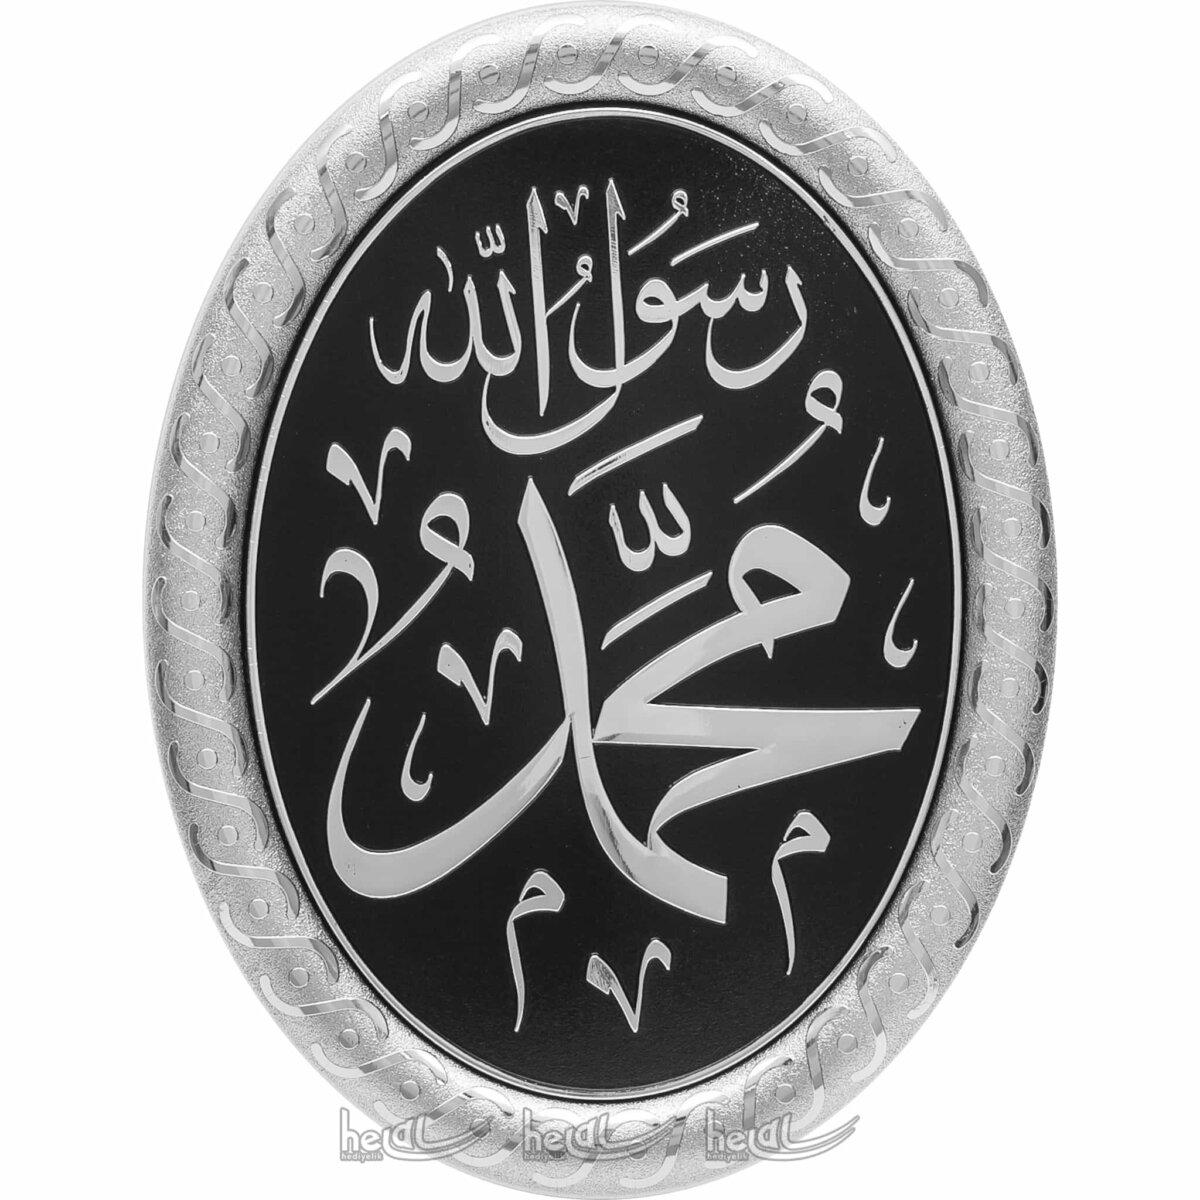 23x30cm İsmi Nebi Muhammed sav. Lafzı Kabartmalı Oval Duvar Panosu Ayetli Ürünler